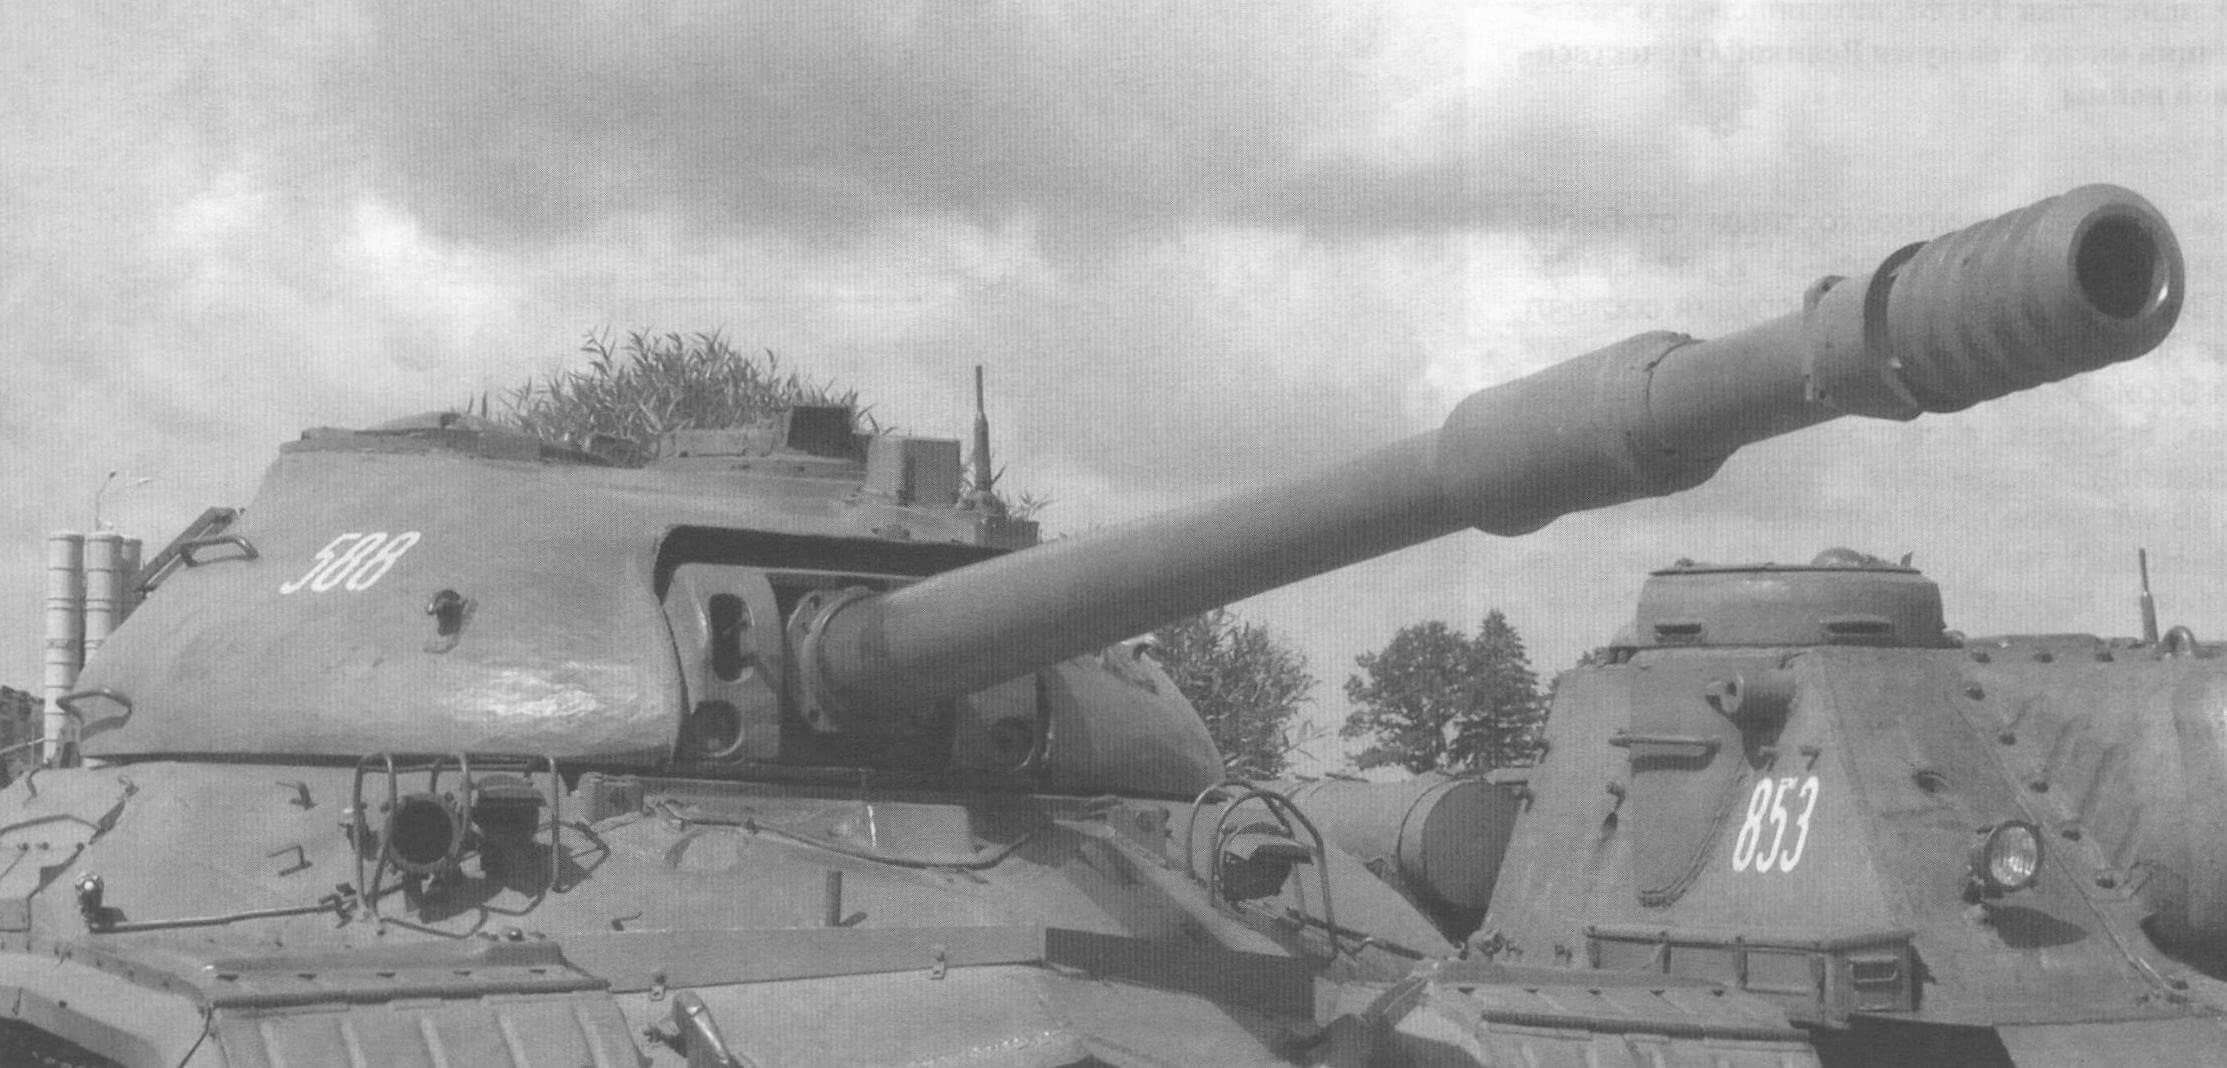 Башня танка Т-10М в экспозиции музейного комплекса «Линия Сталина», Минская область